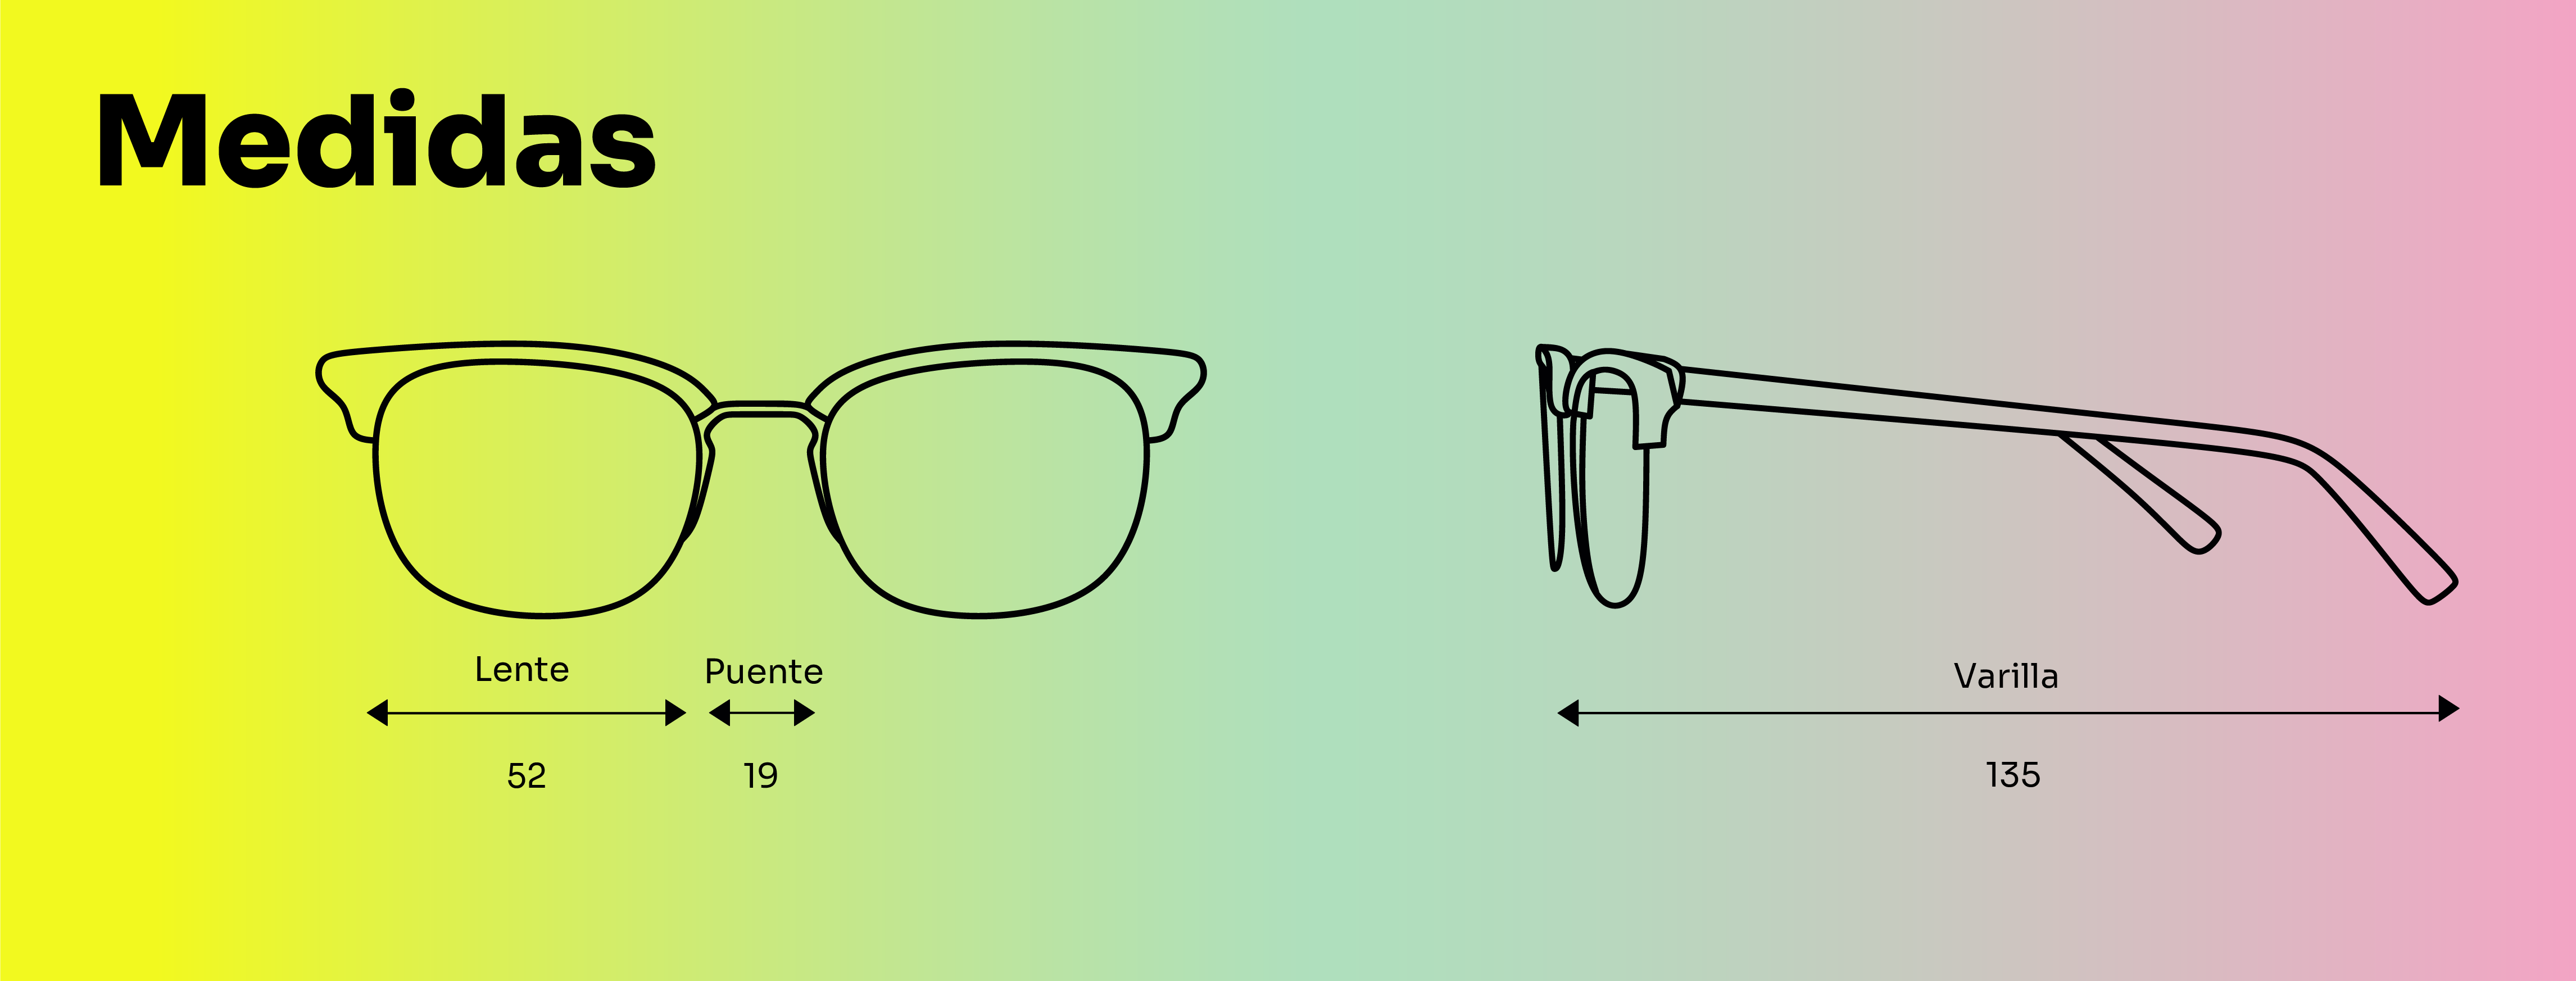 medidas-montura-de-gafas-graduadas-de-marca-Fortress